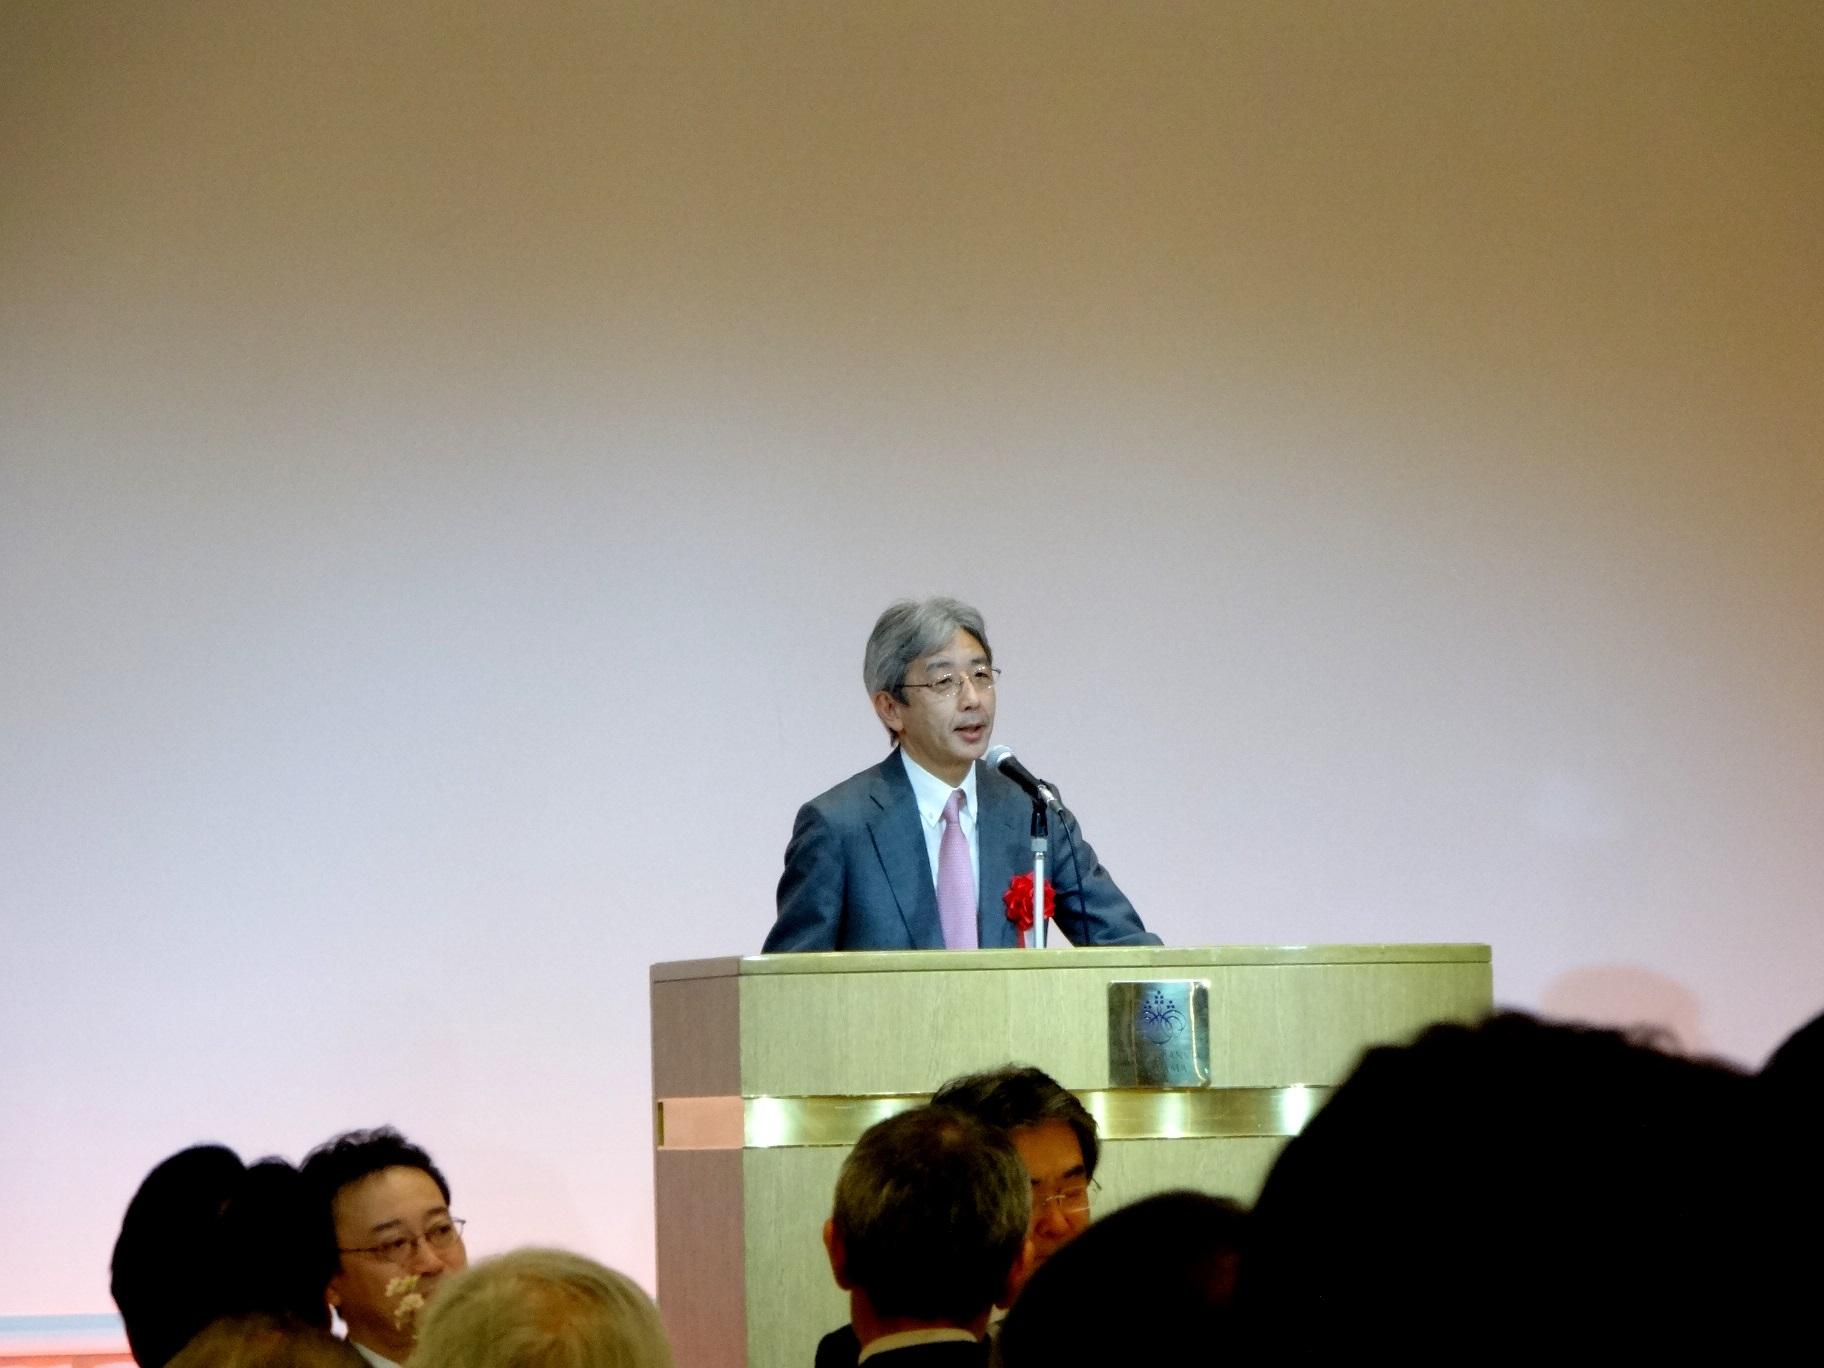 谷本光音教授就任15周年記念祝賀会(岡本真一郎先生御祝辞)